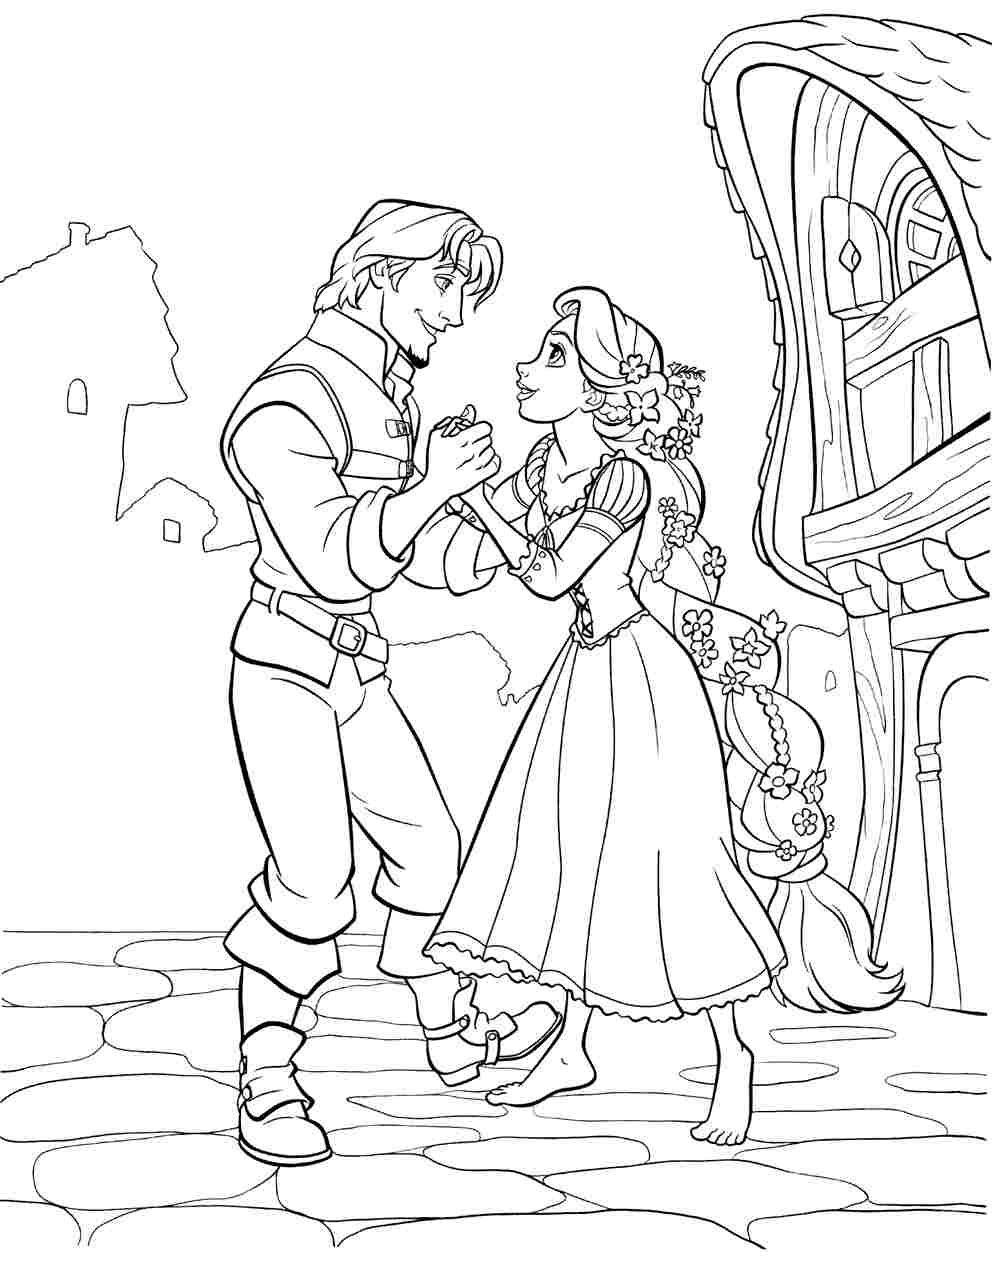 Tranh tô màu công chúa tóc mây đang khiêu vũ